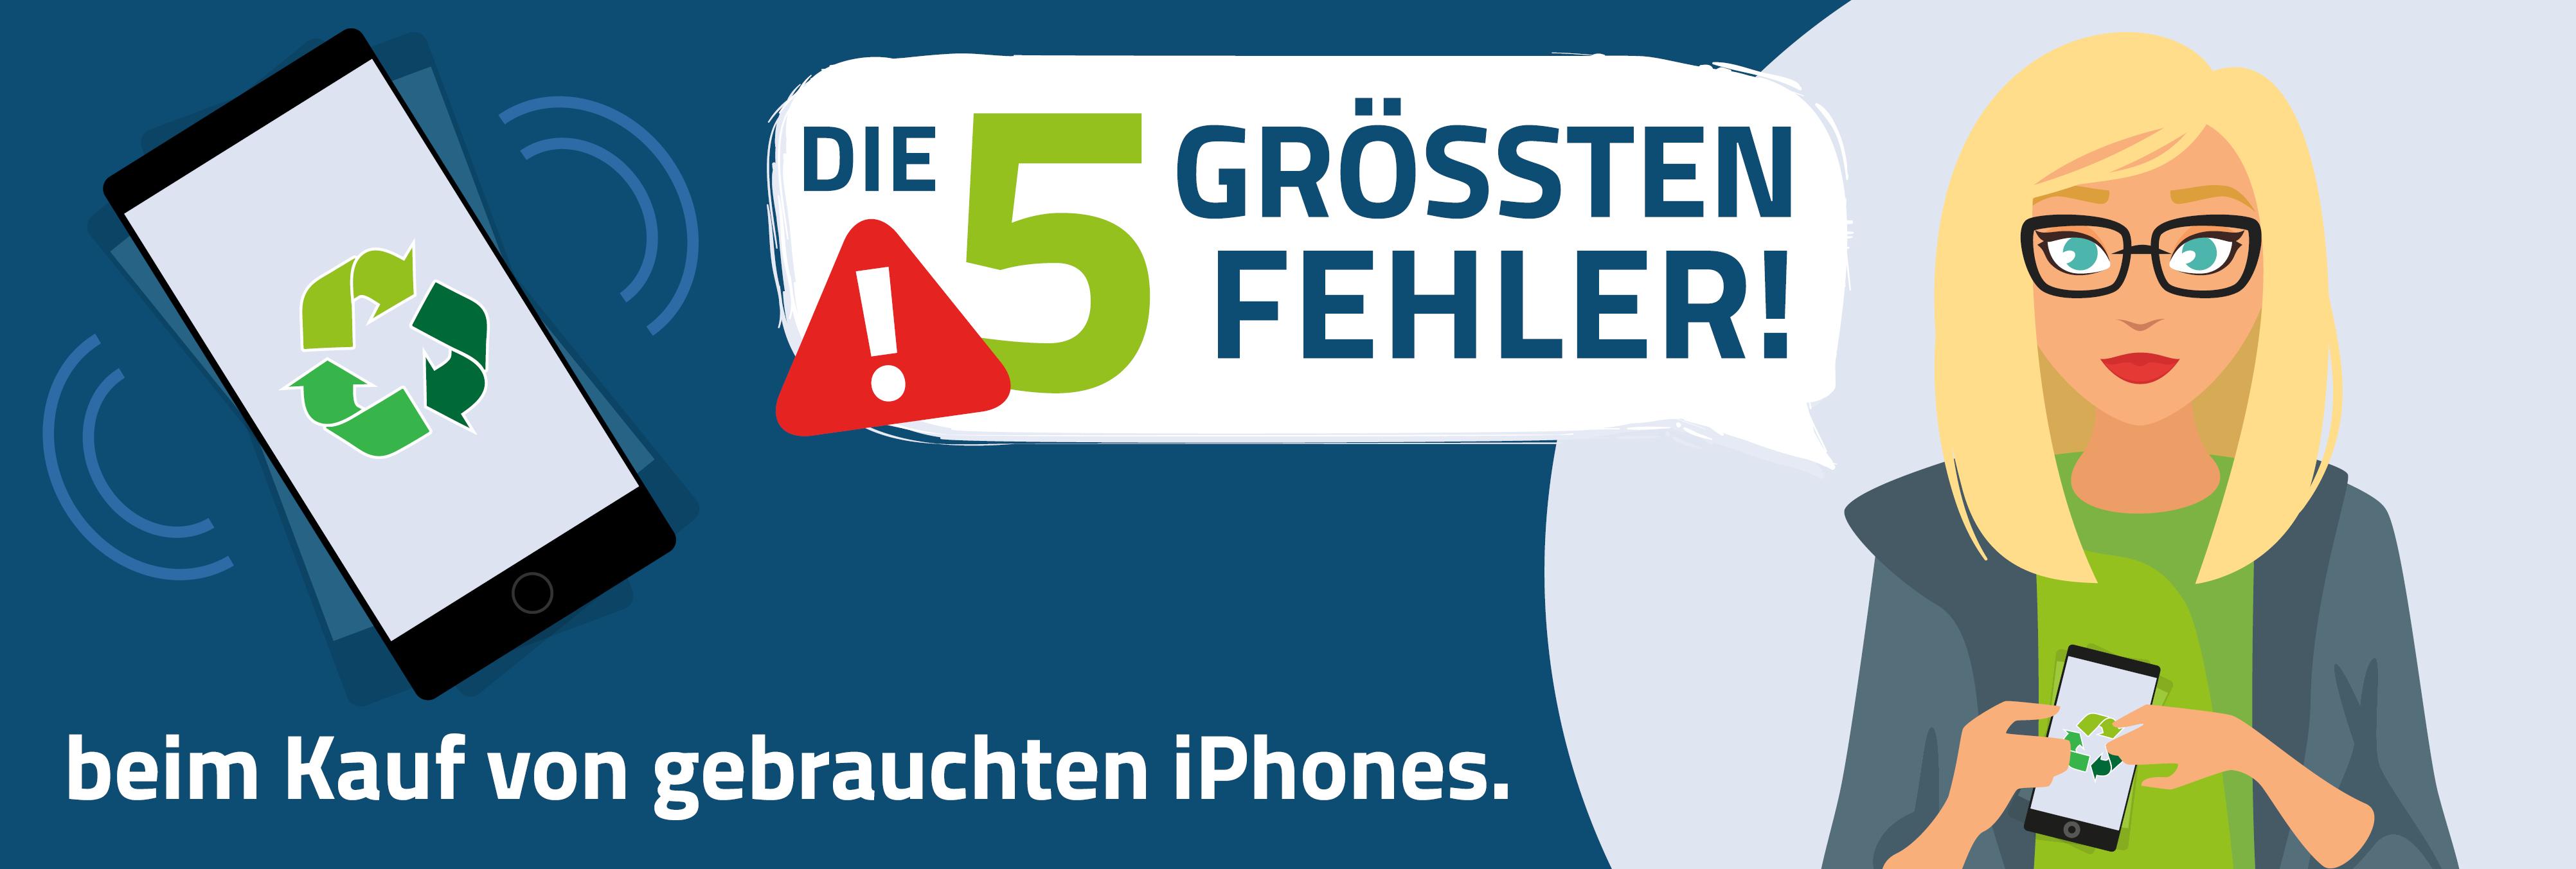 5 FEHLER beim Kauf von gebrauchten iPhones